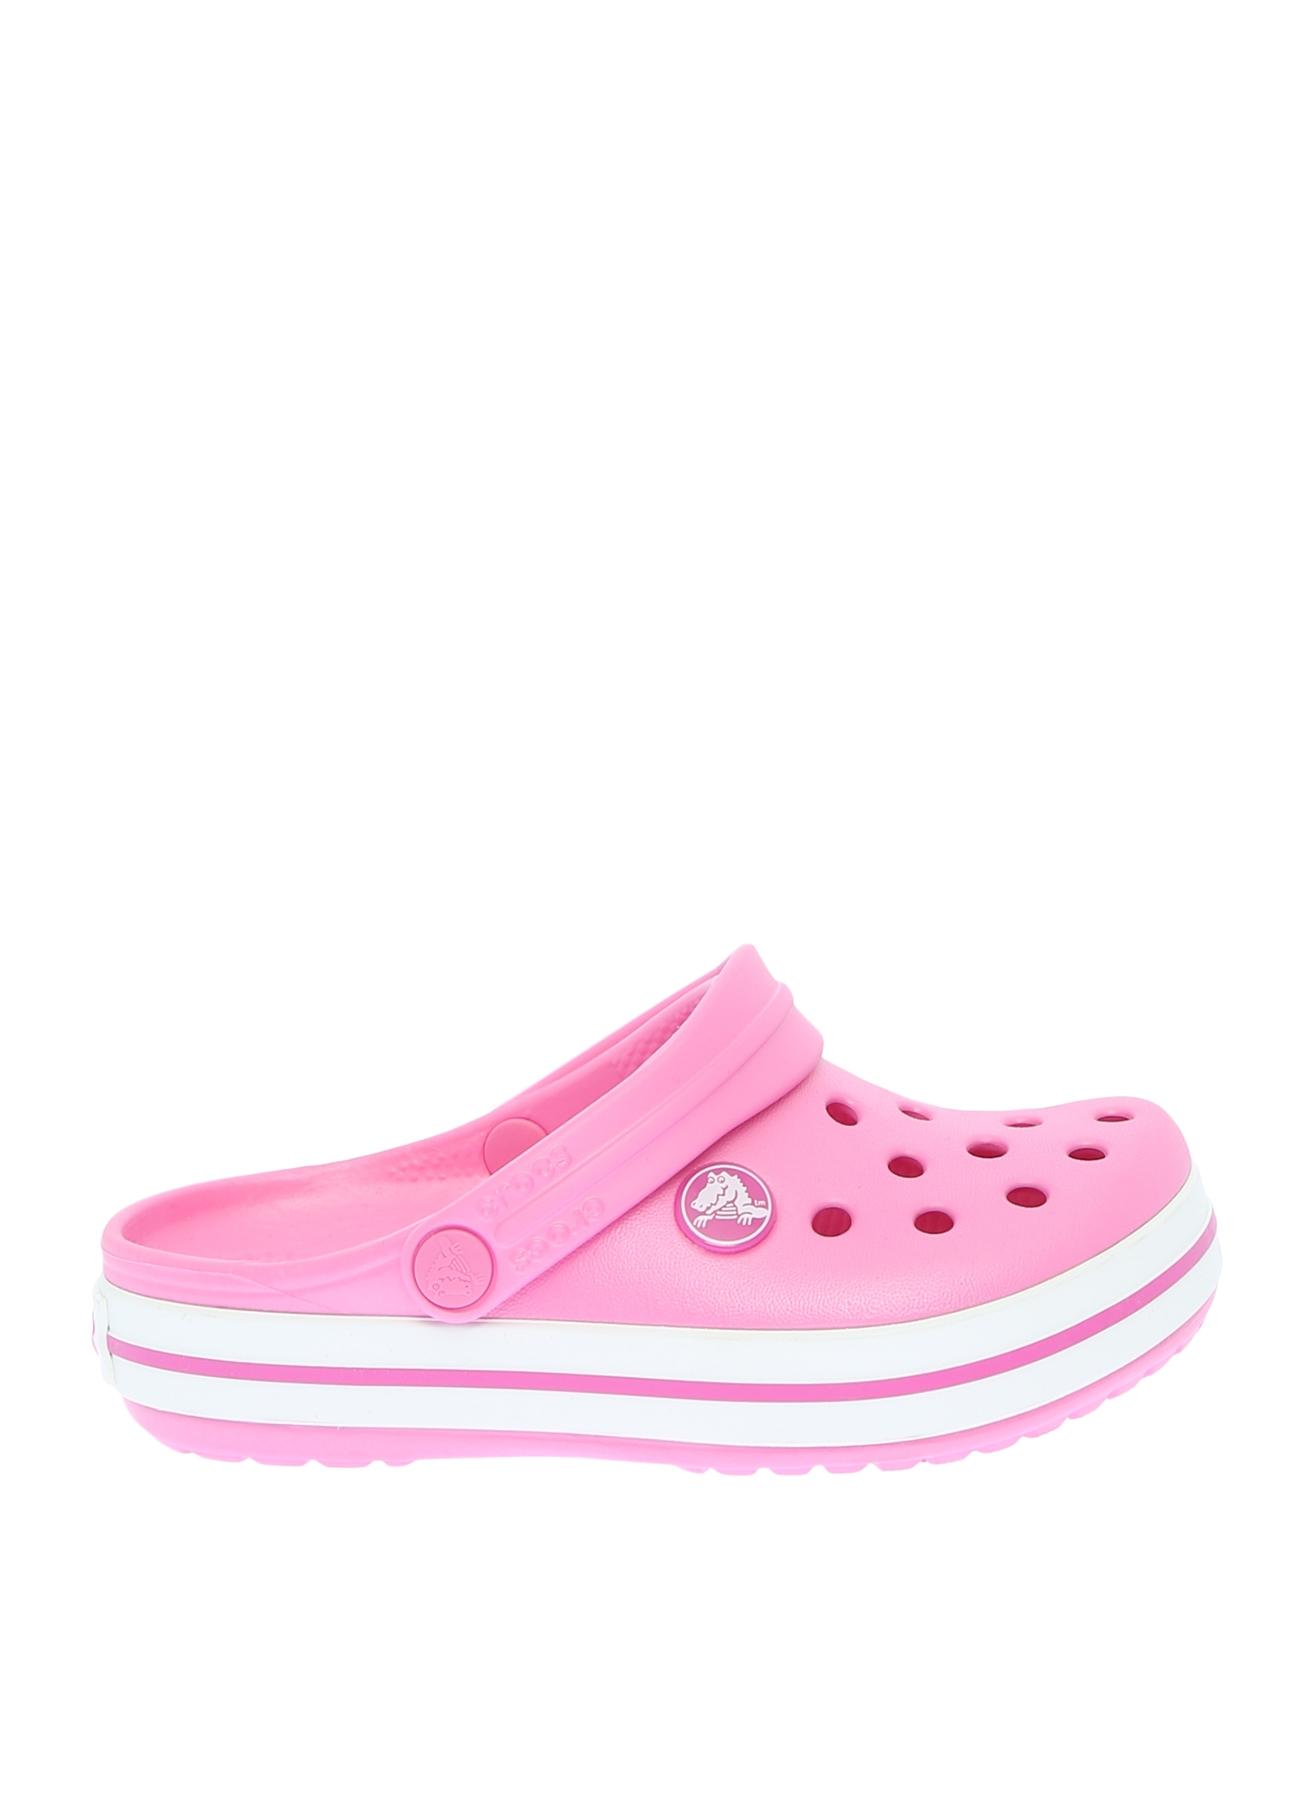 Crocs Crocband Clog Plaj Terliği 24 5000150898007 Ürün Resmi